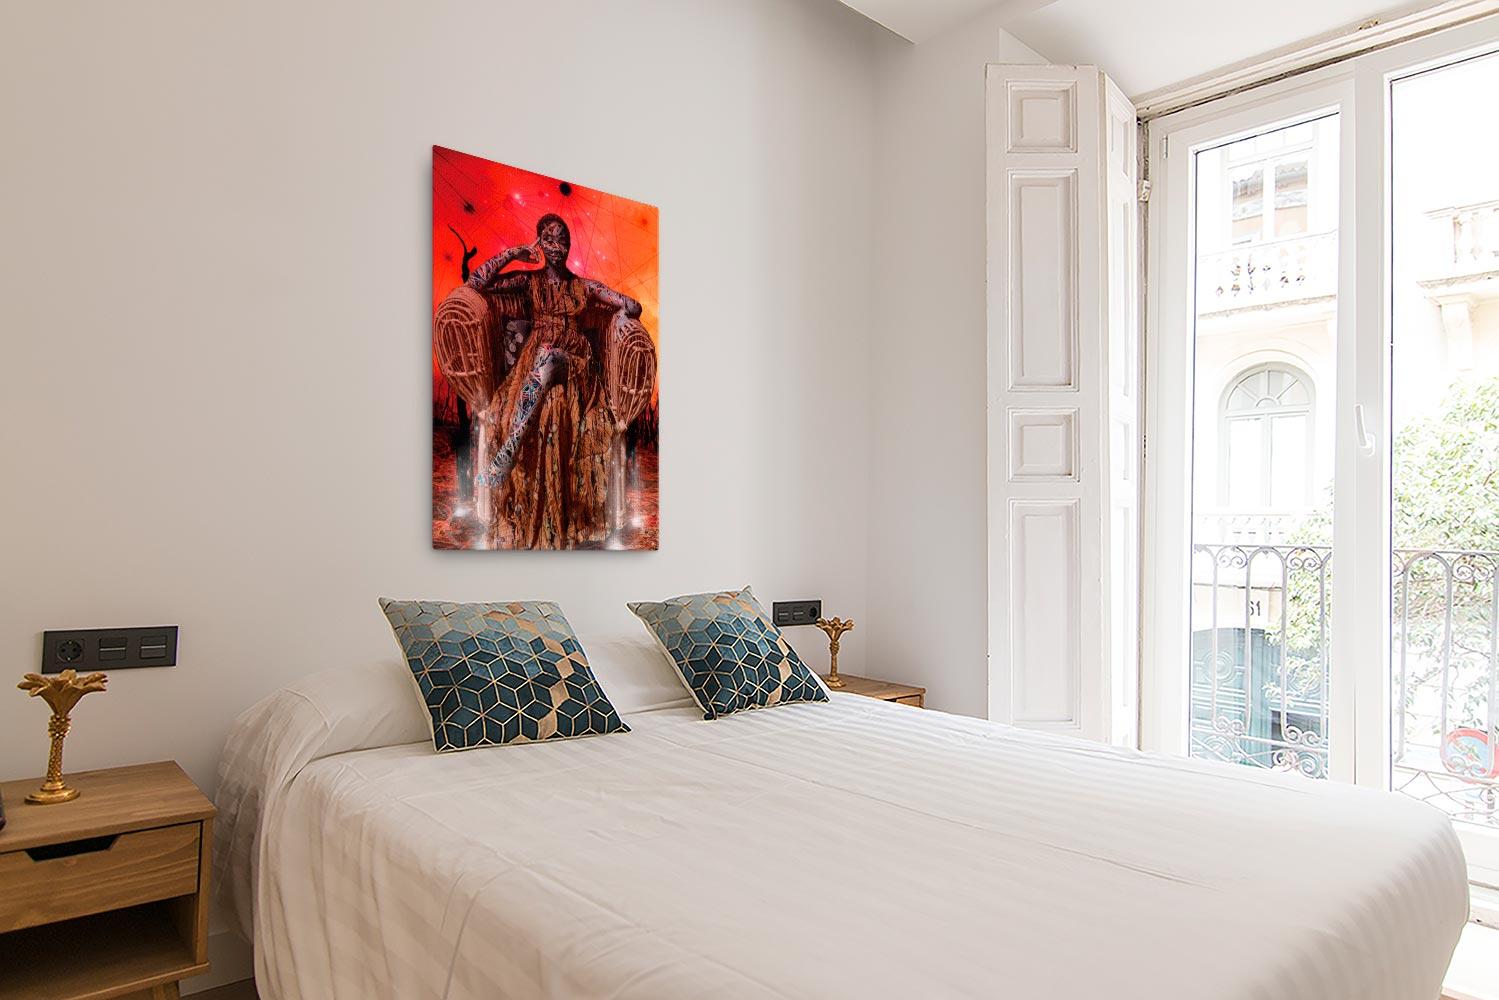 Reproducción de arte en lienzo - dormitorio con balcón - Desconexión - Diseño Digital - Ilustración - Fotografía y Pintura -pintado por WachiMakeArt